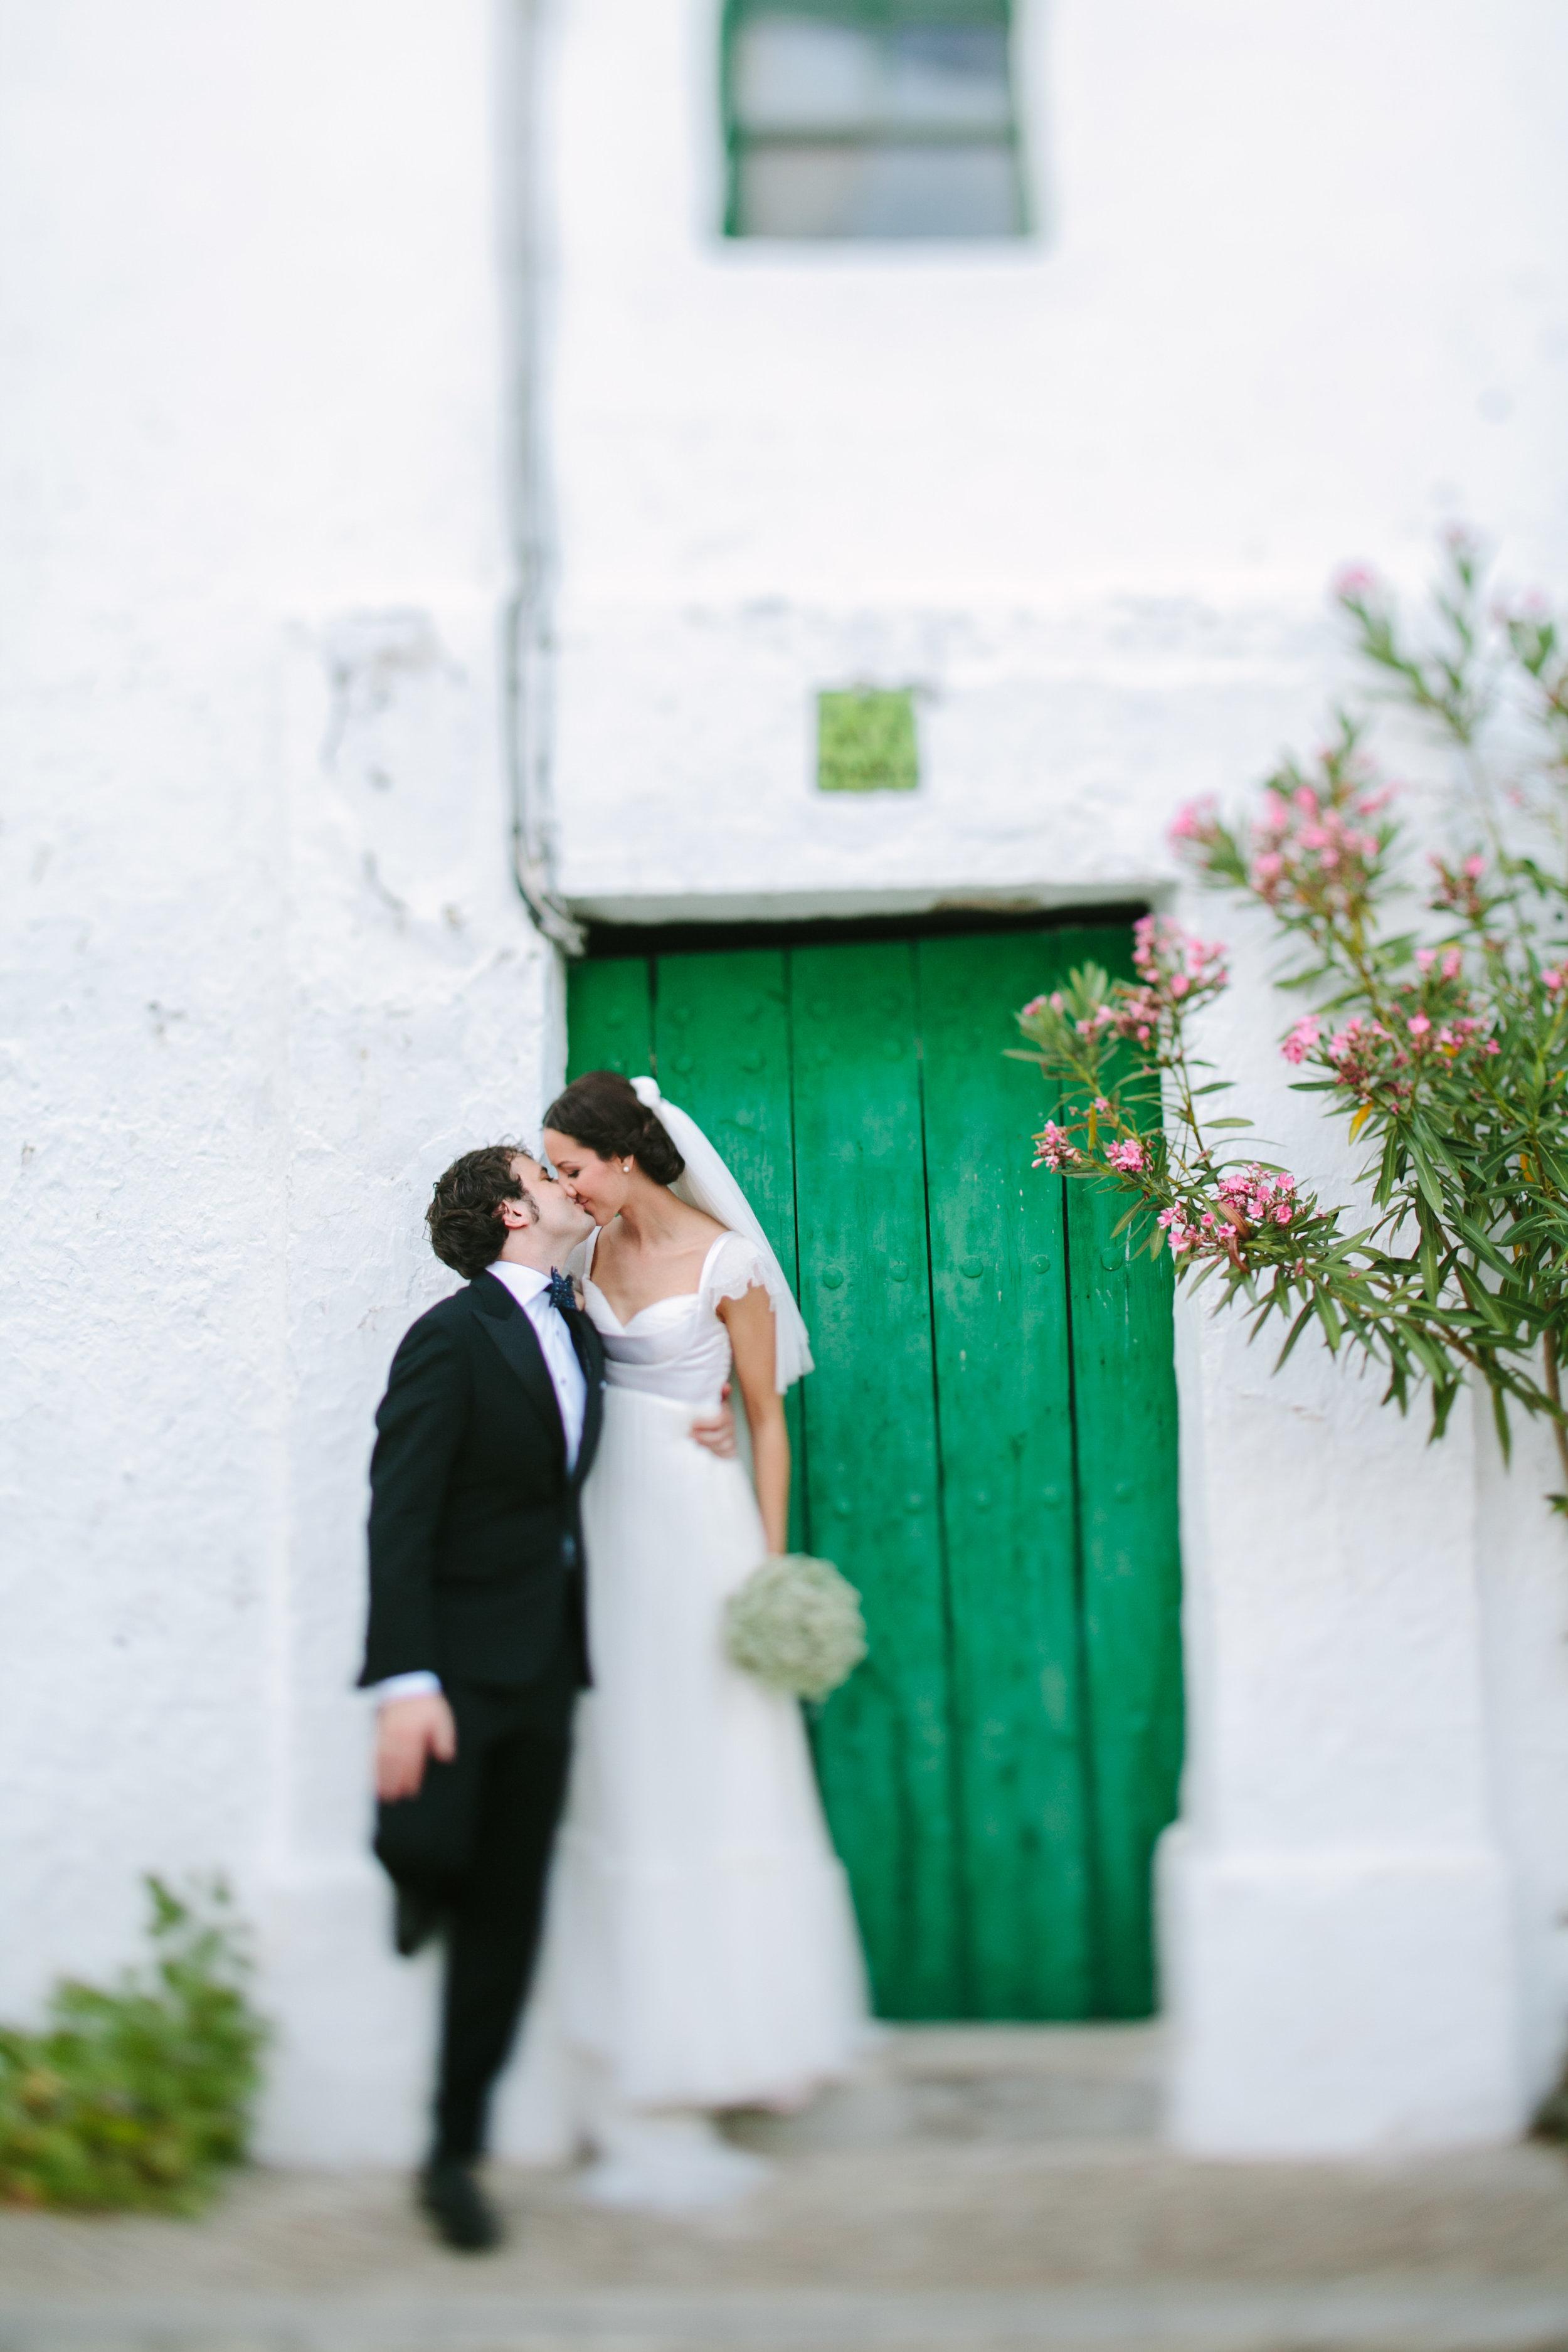 Bea y Mario 75@Jimena Roquero Photography.jpg